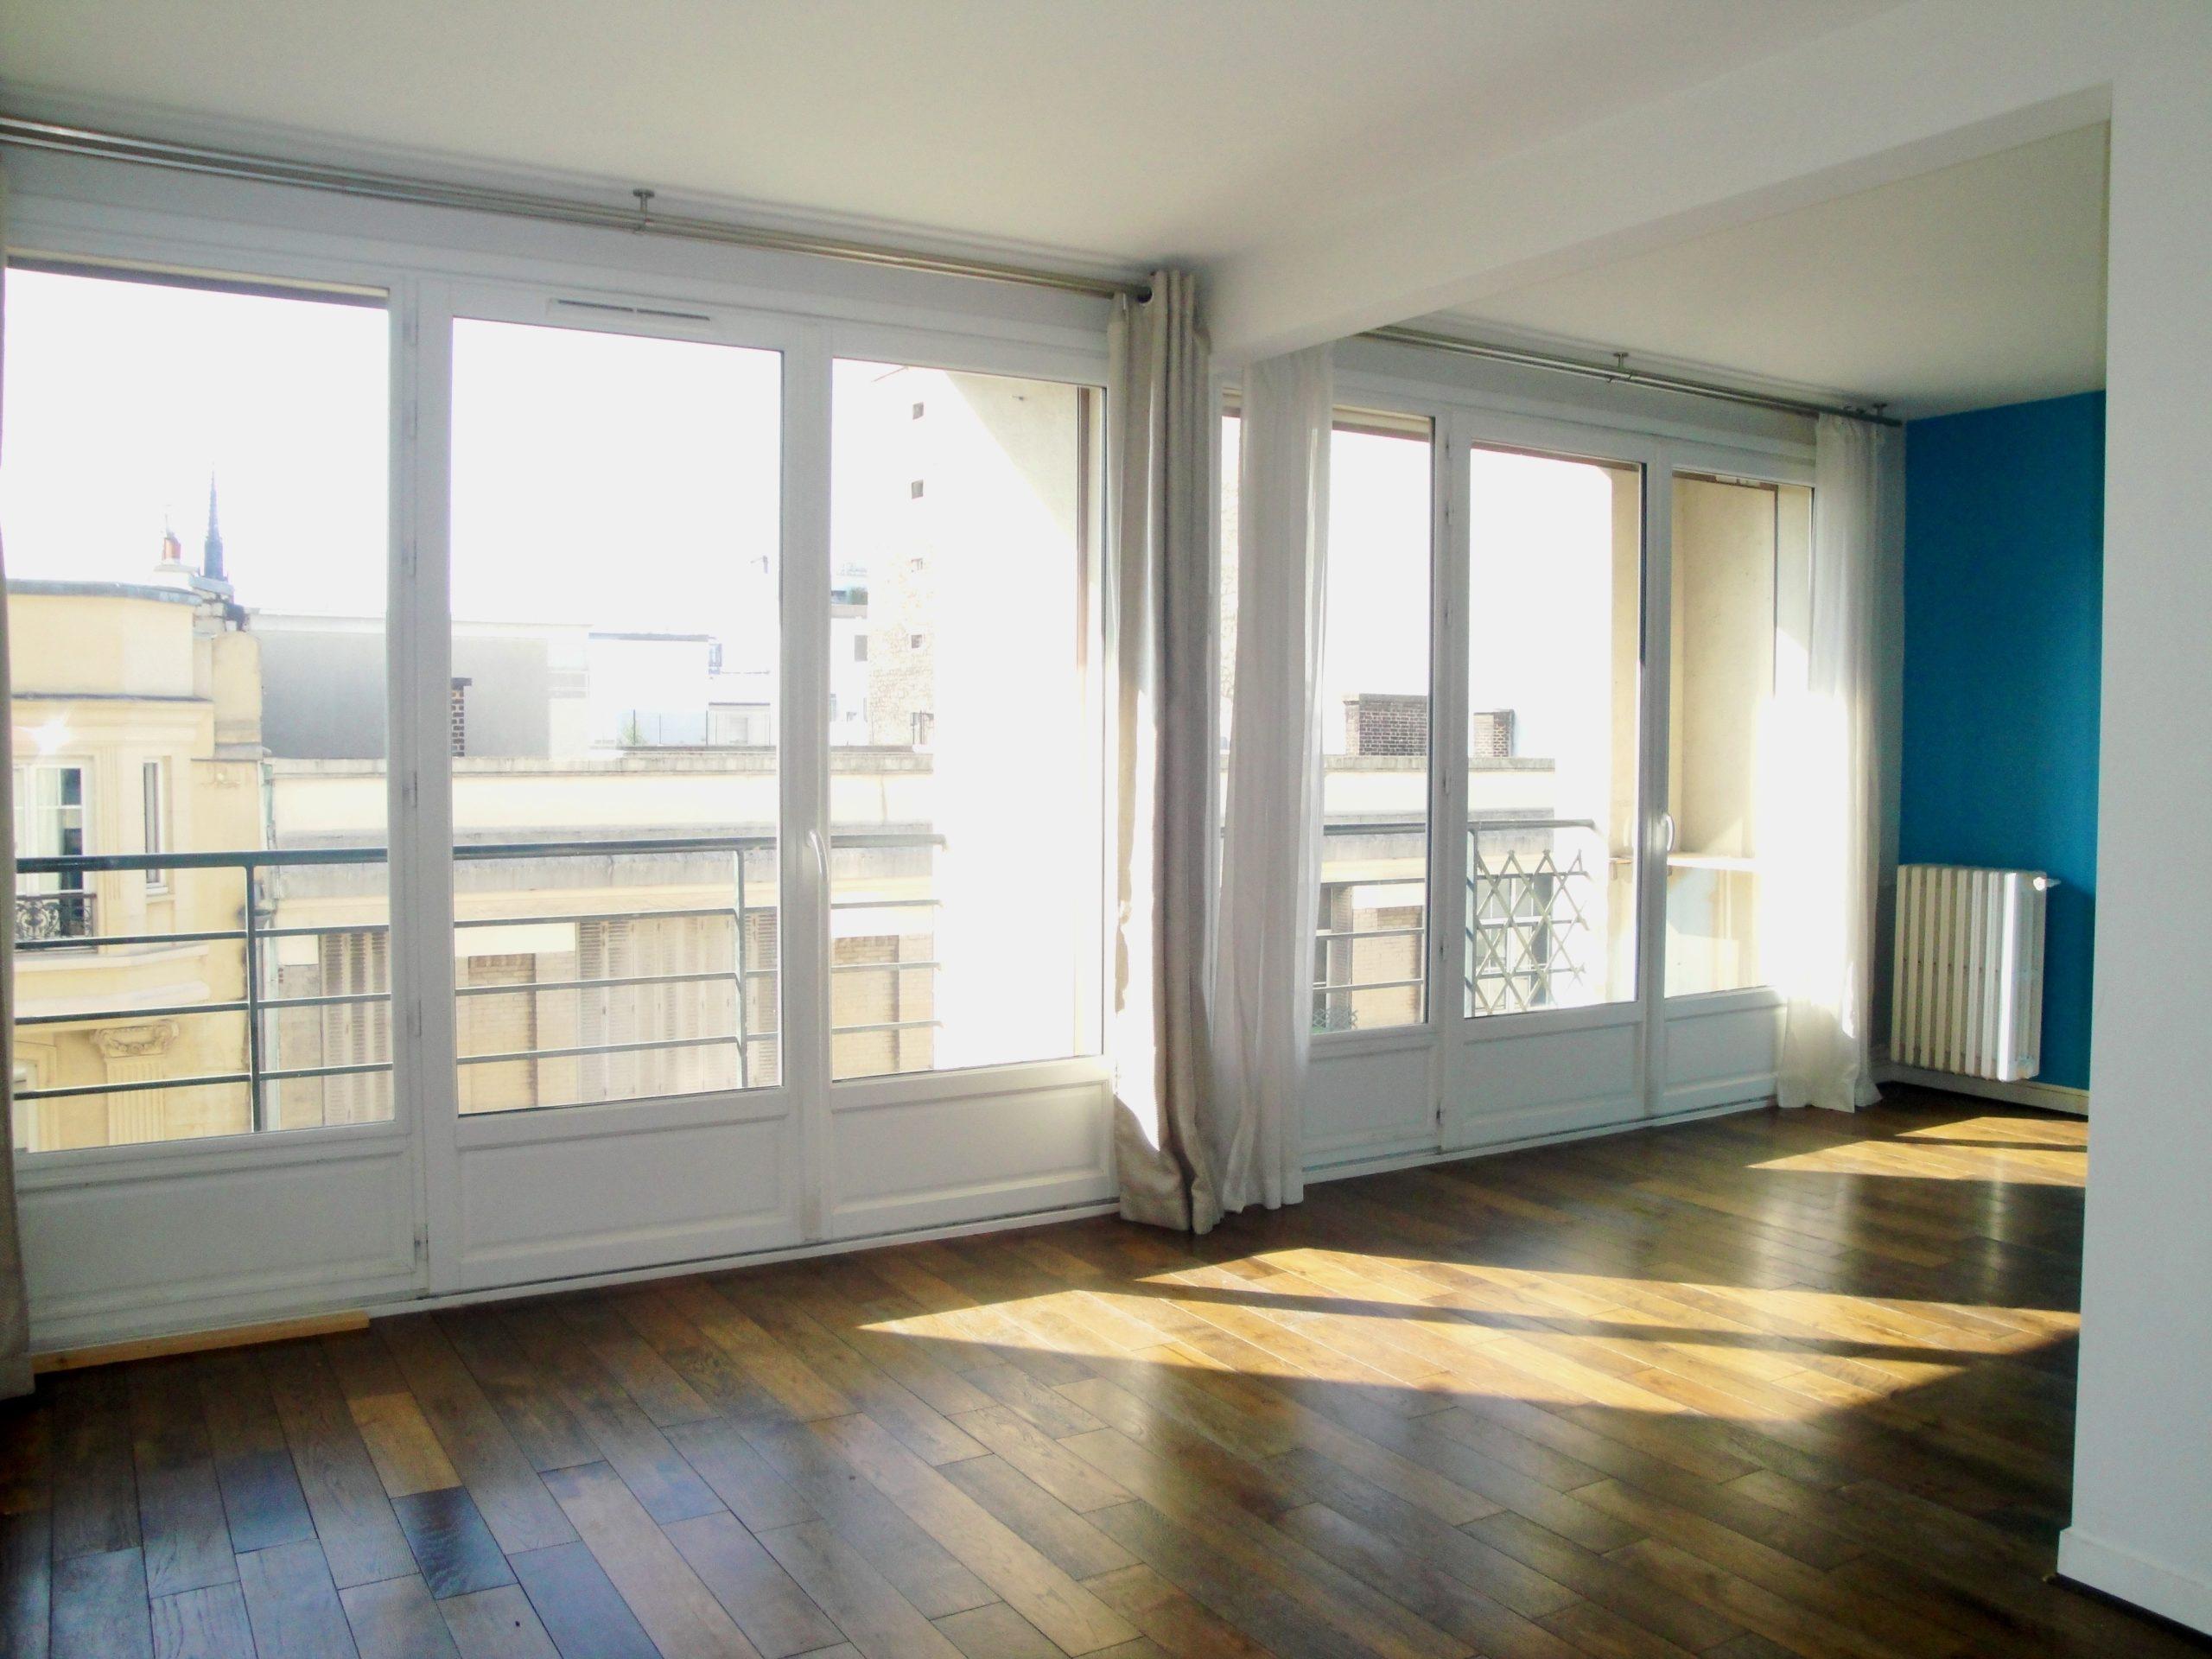 3 pièces rue Doudeauville (75018)